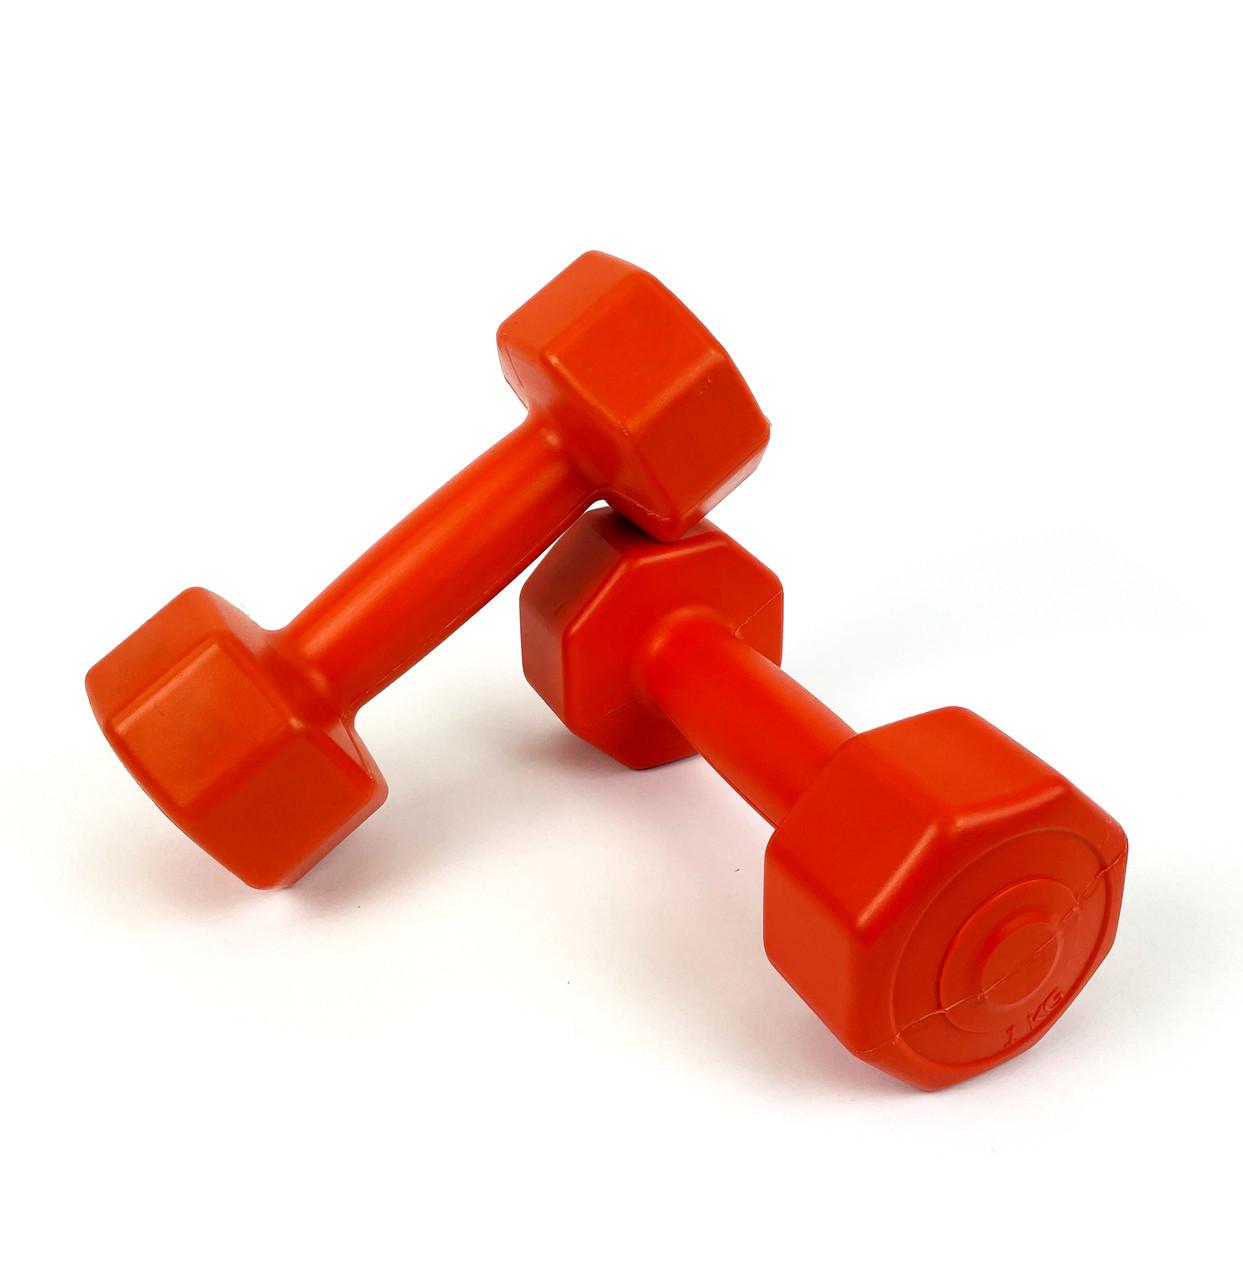 Гантелі для фітнесу 2 шт. по 1 кг. , Композит з пластиковим покриттям (оранжевий)